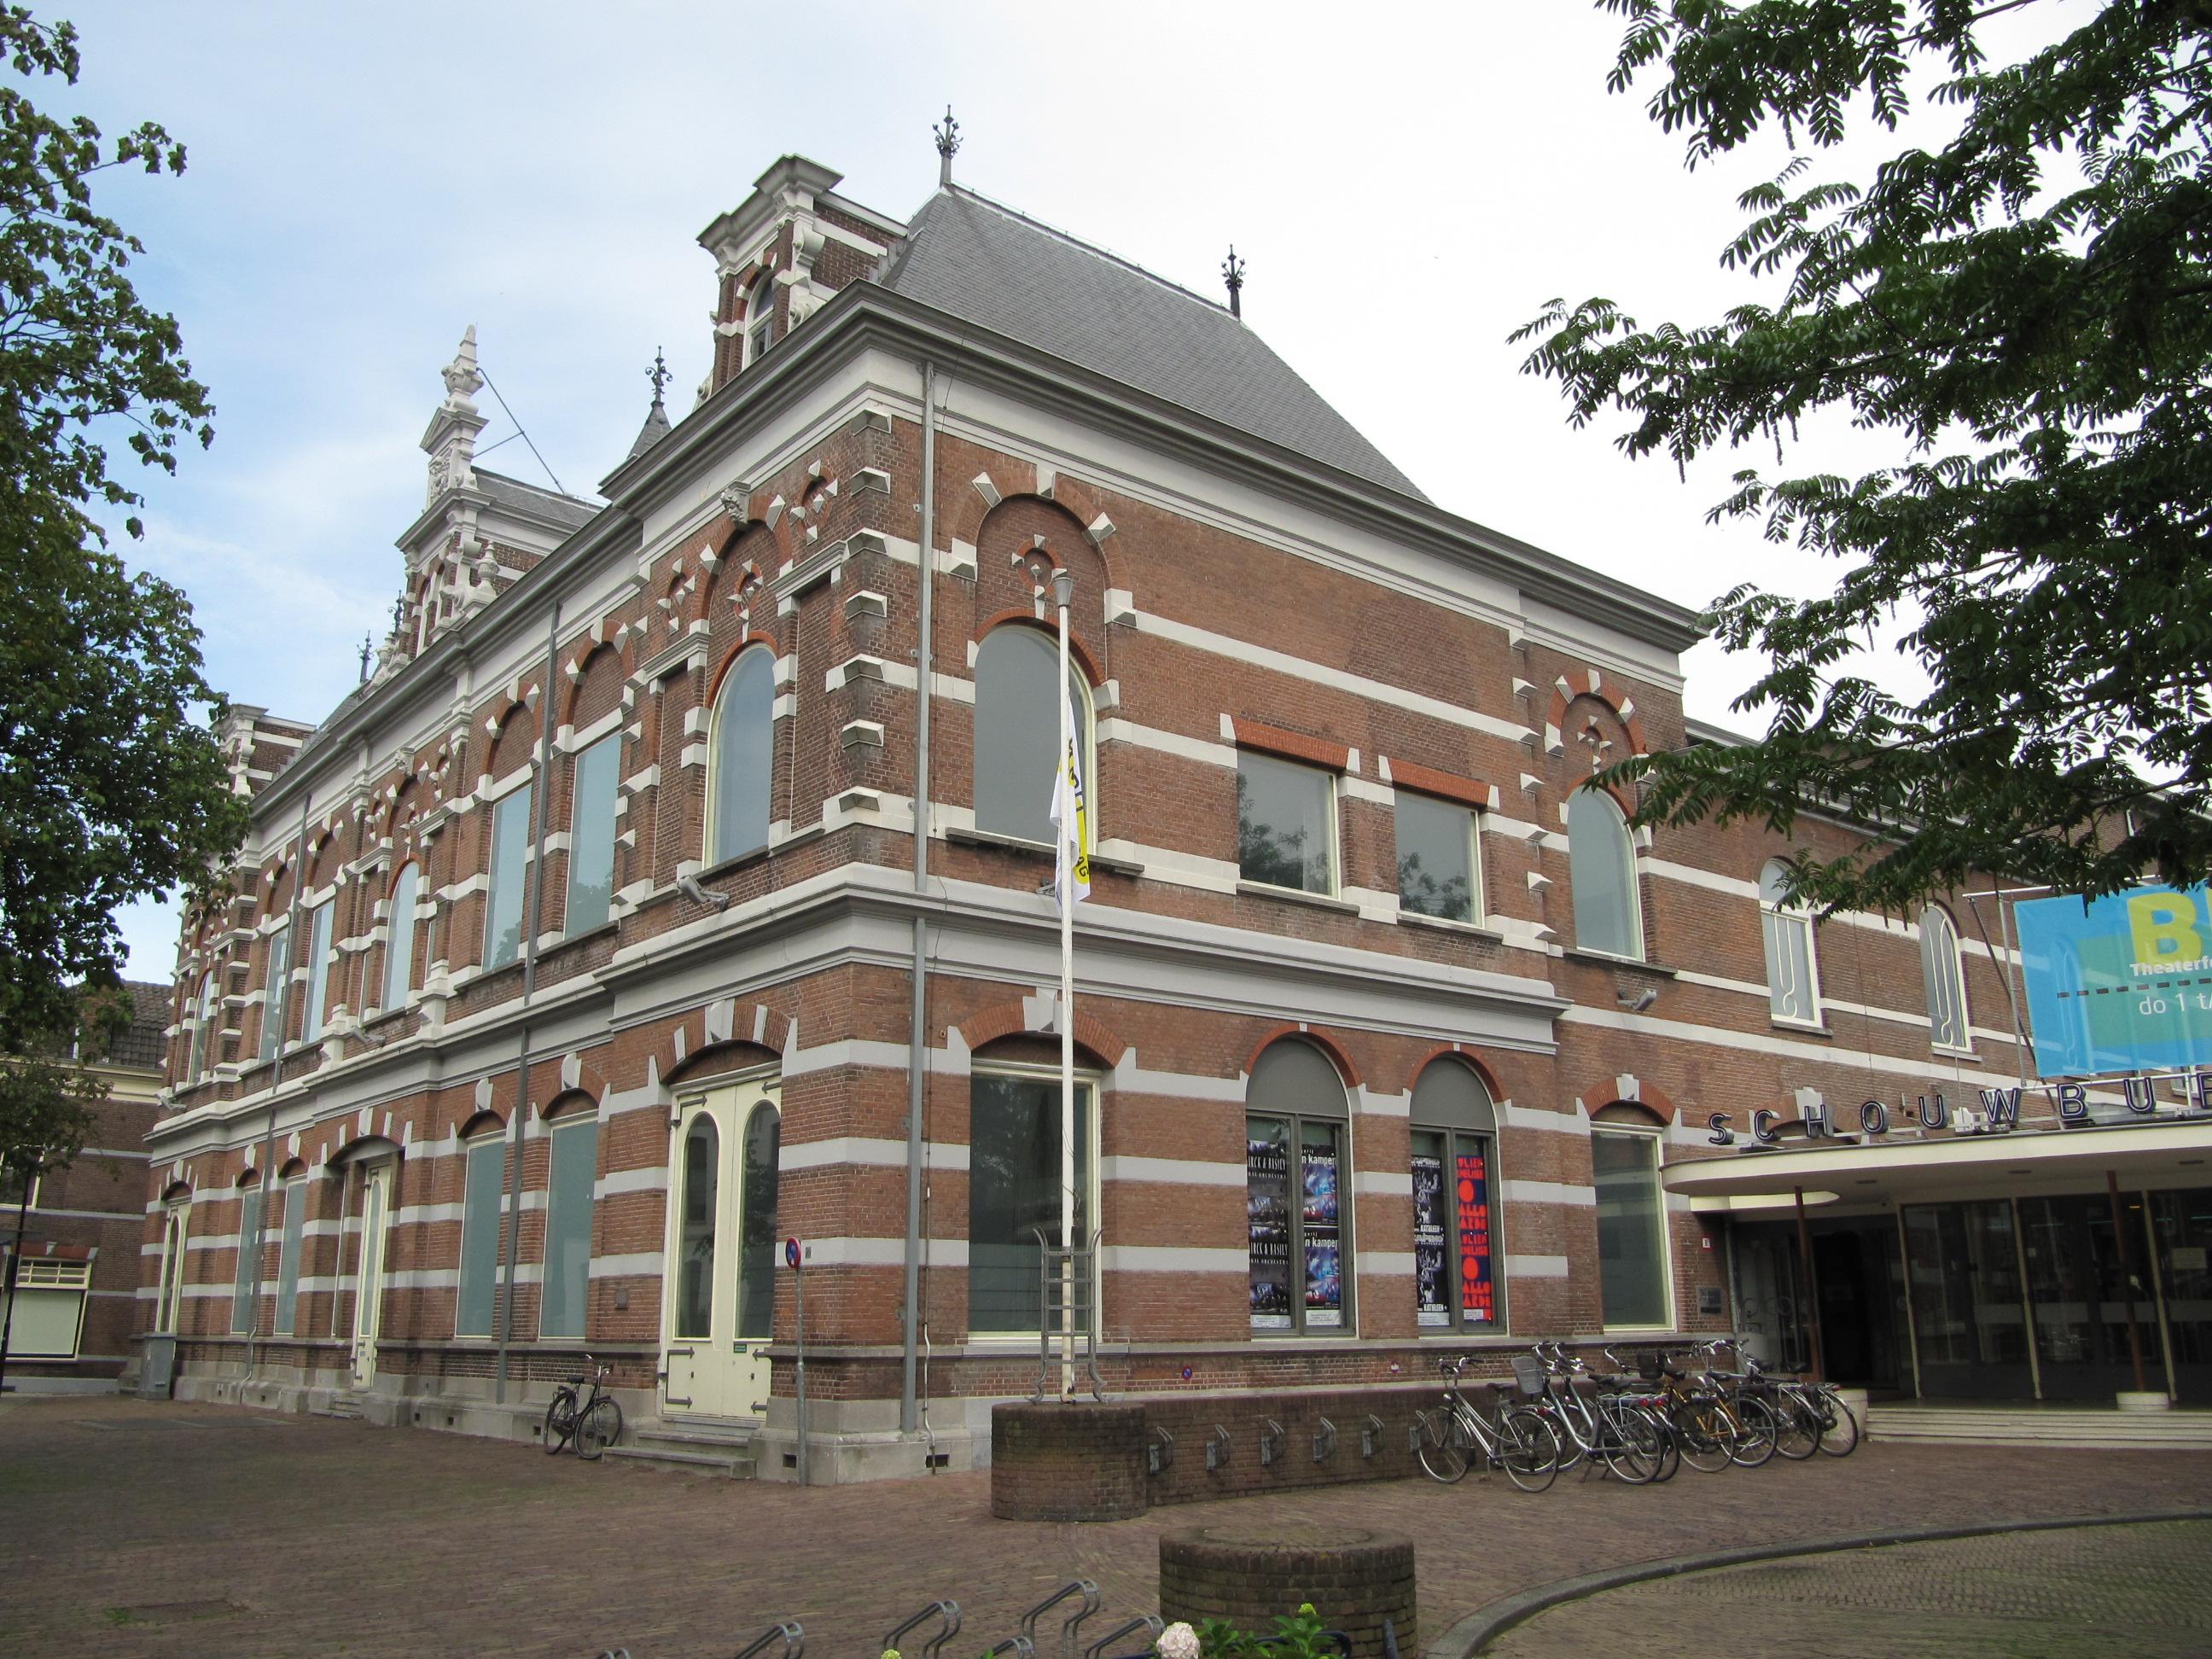 RM522321 Dordrecht - Sint Jorisweg 76 (schouwburg foto 2).jpg